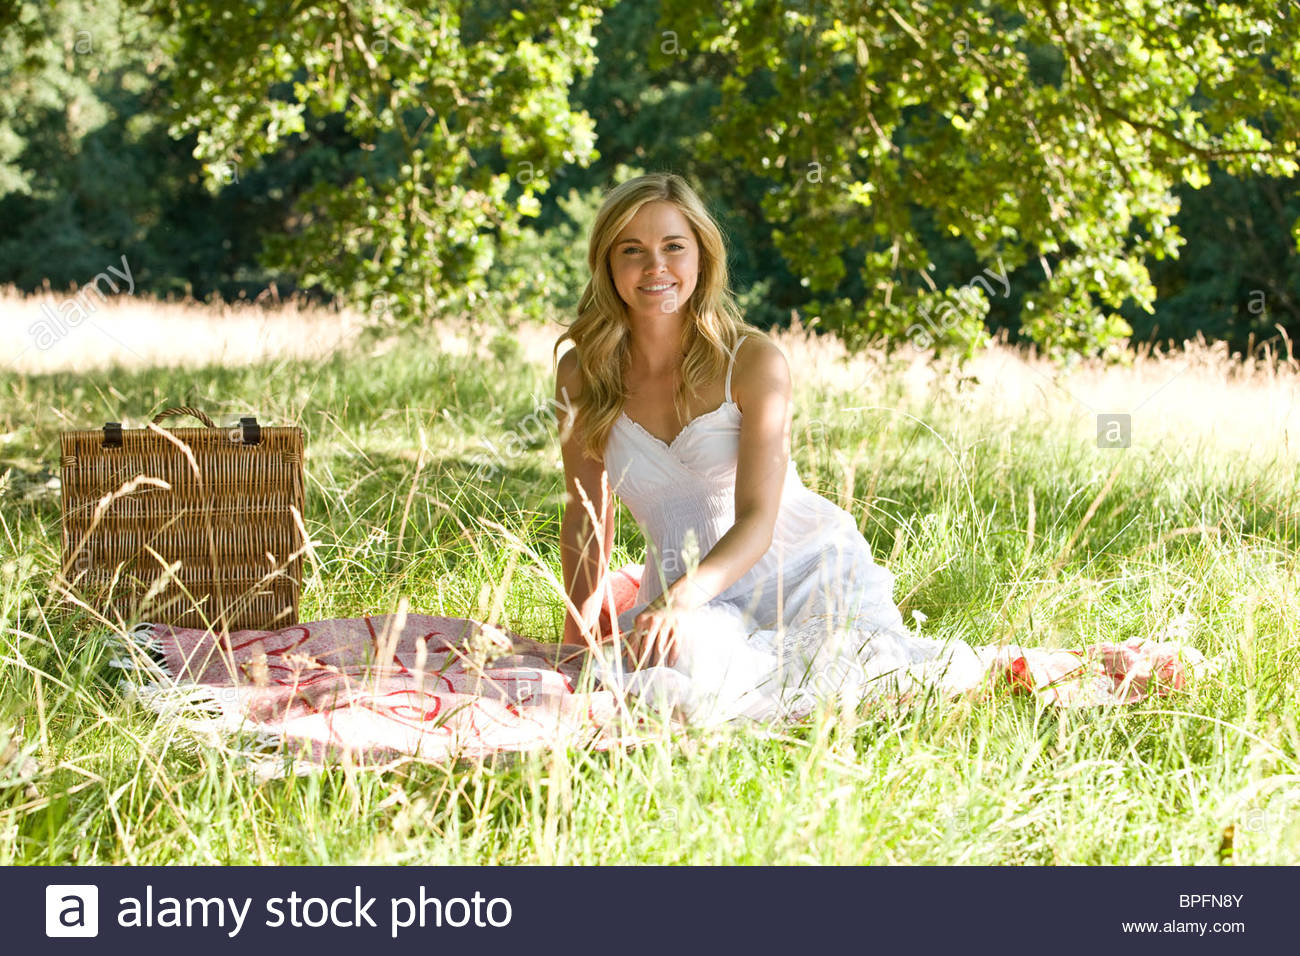 Une jeune femme assise sur une couverture de pique-nique Photo Stock